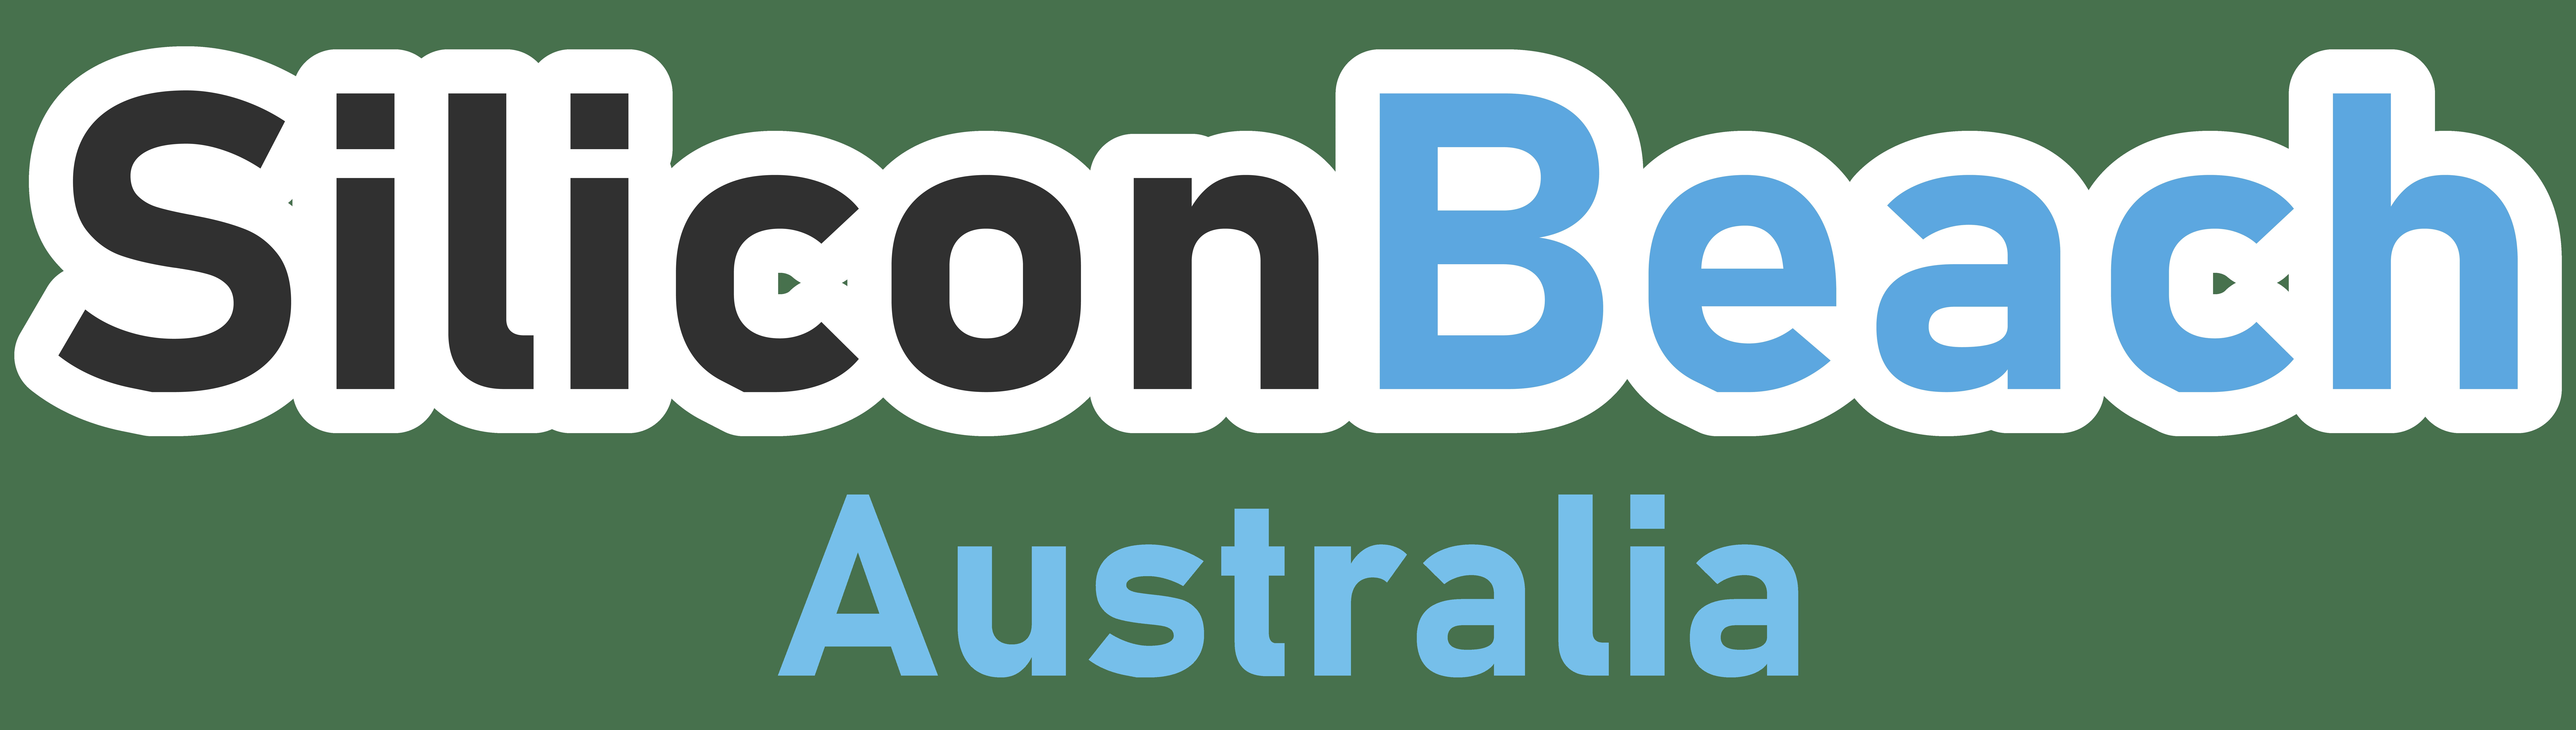 Silicon Beach Australia Logo